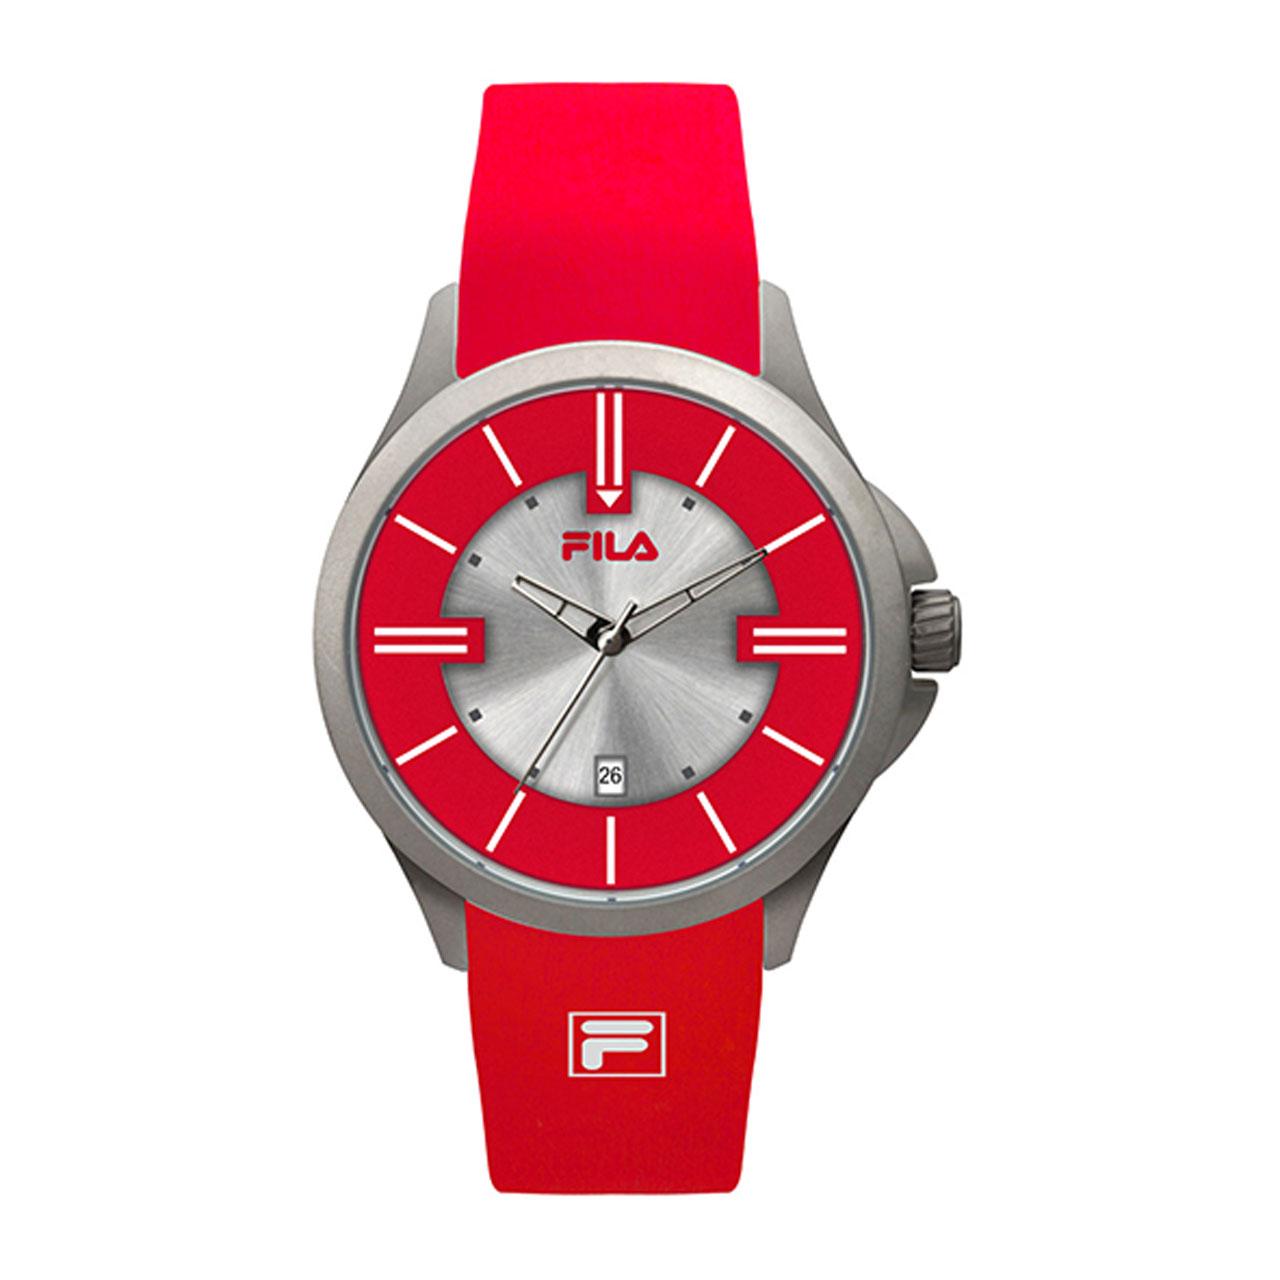 ساعت مچی عقربه ای فیلا مدل 38-062-003 34